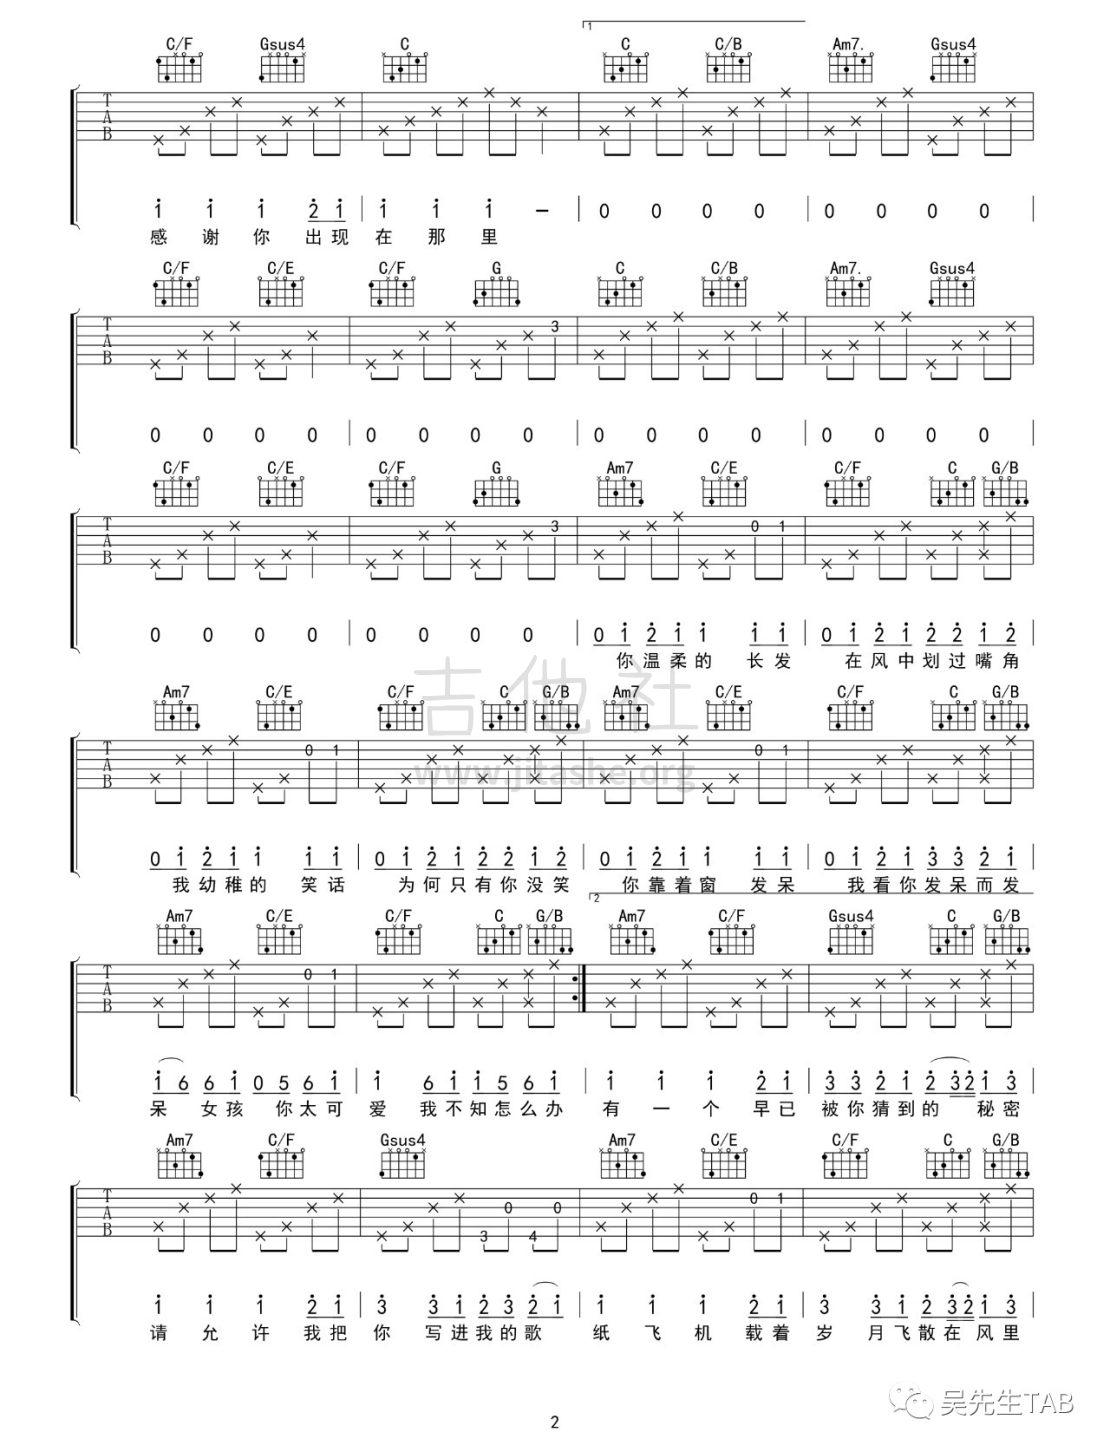 写给我第一个喜欢的女孩的歌吉他谱(图片谱,弹唱)_洛天依_02.jpg